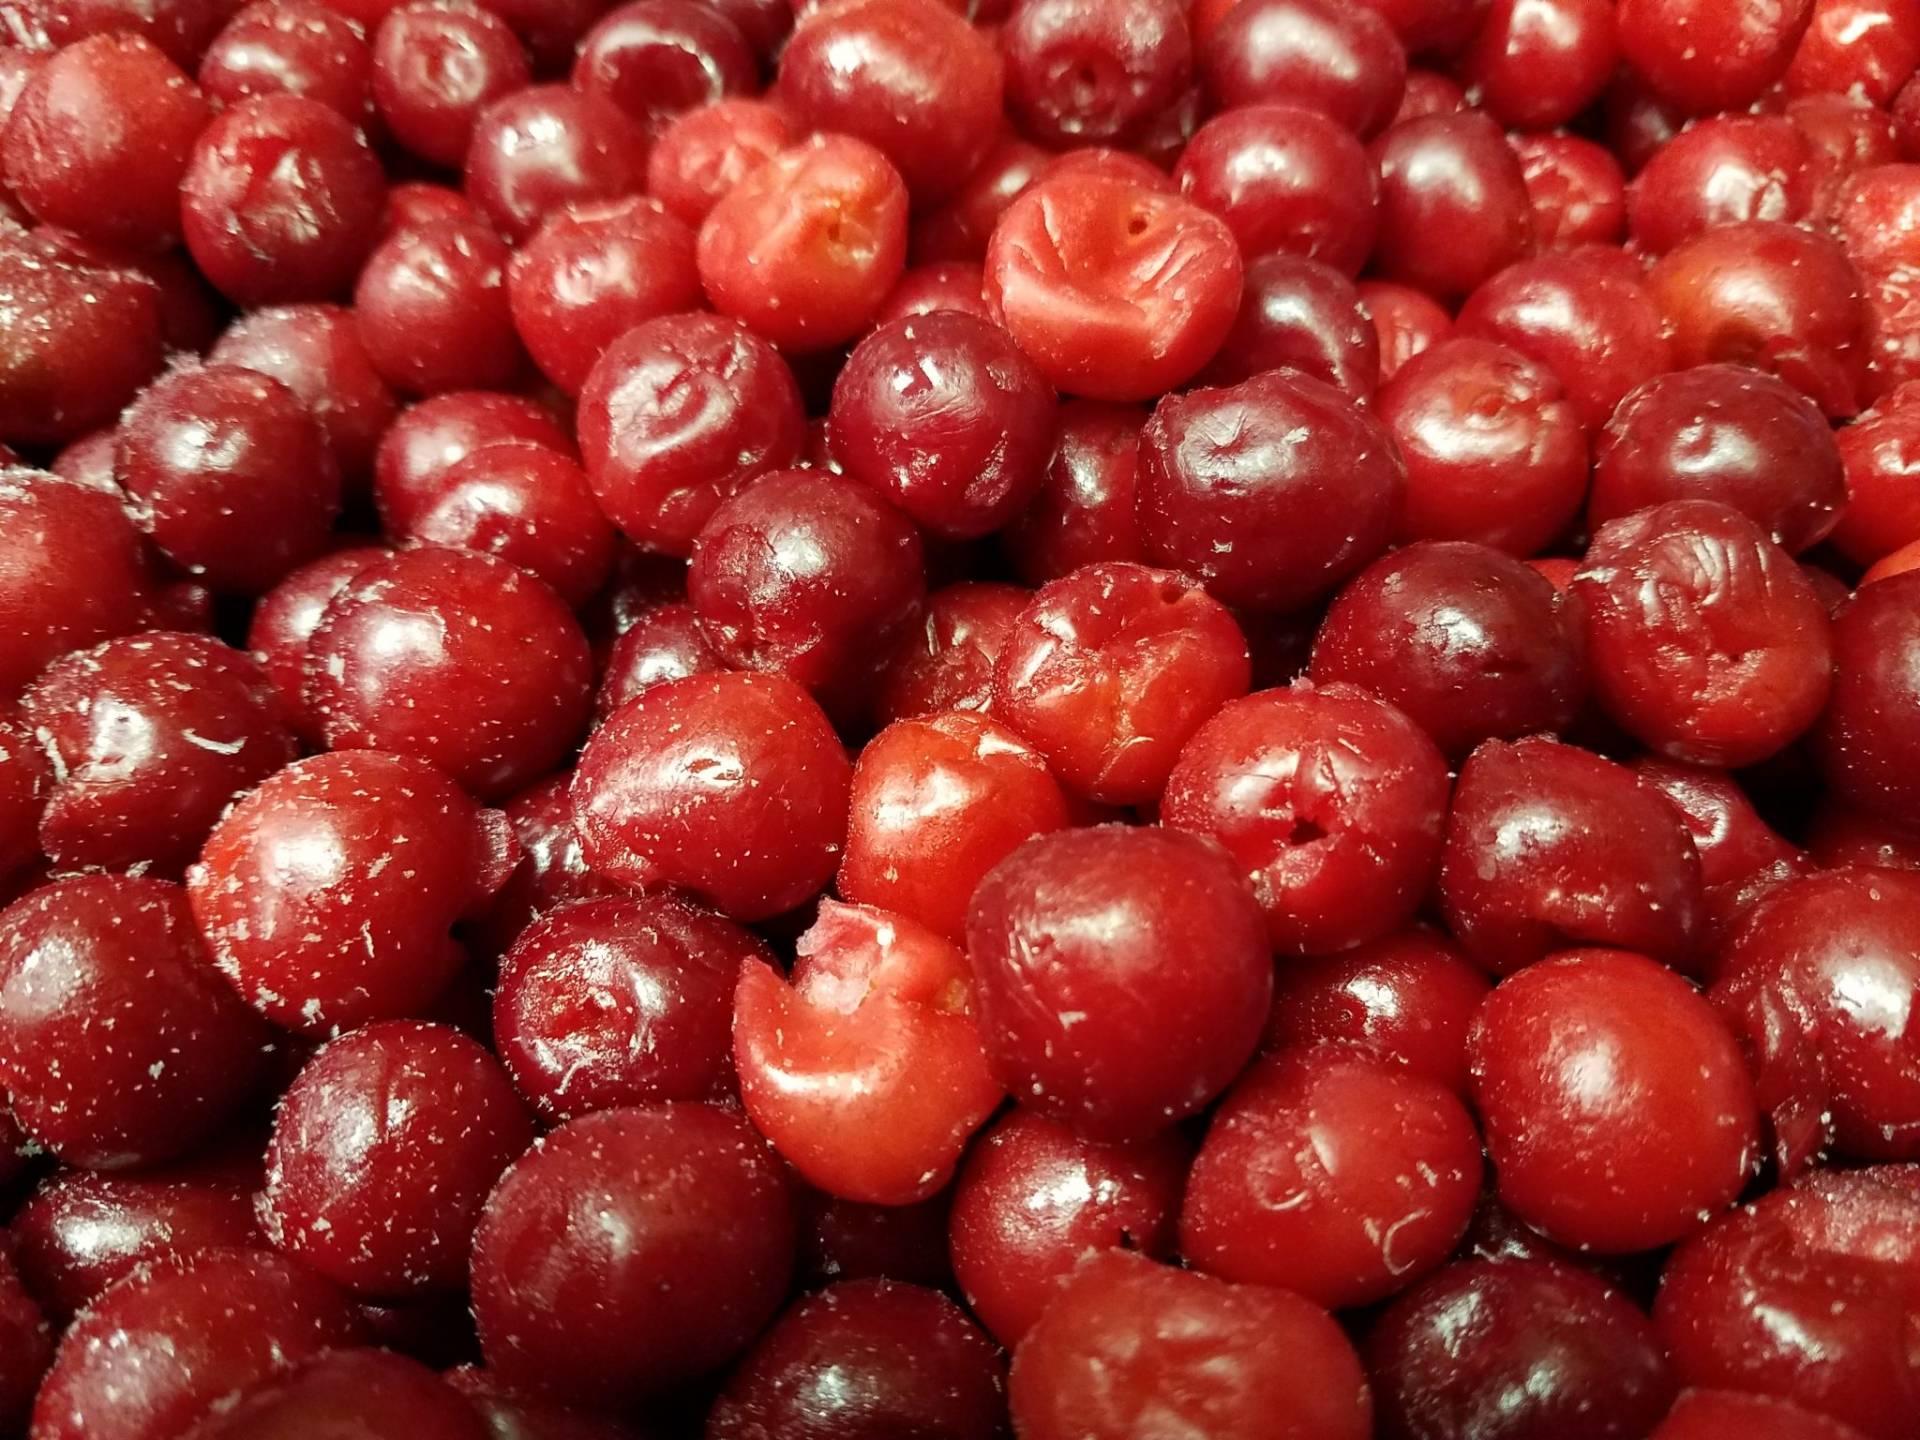 Tart Cherries - Frozen